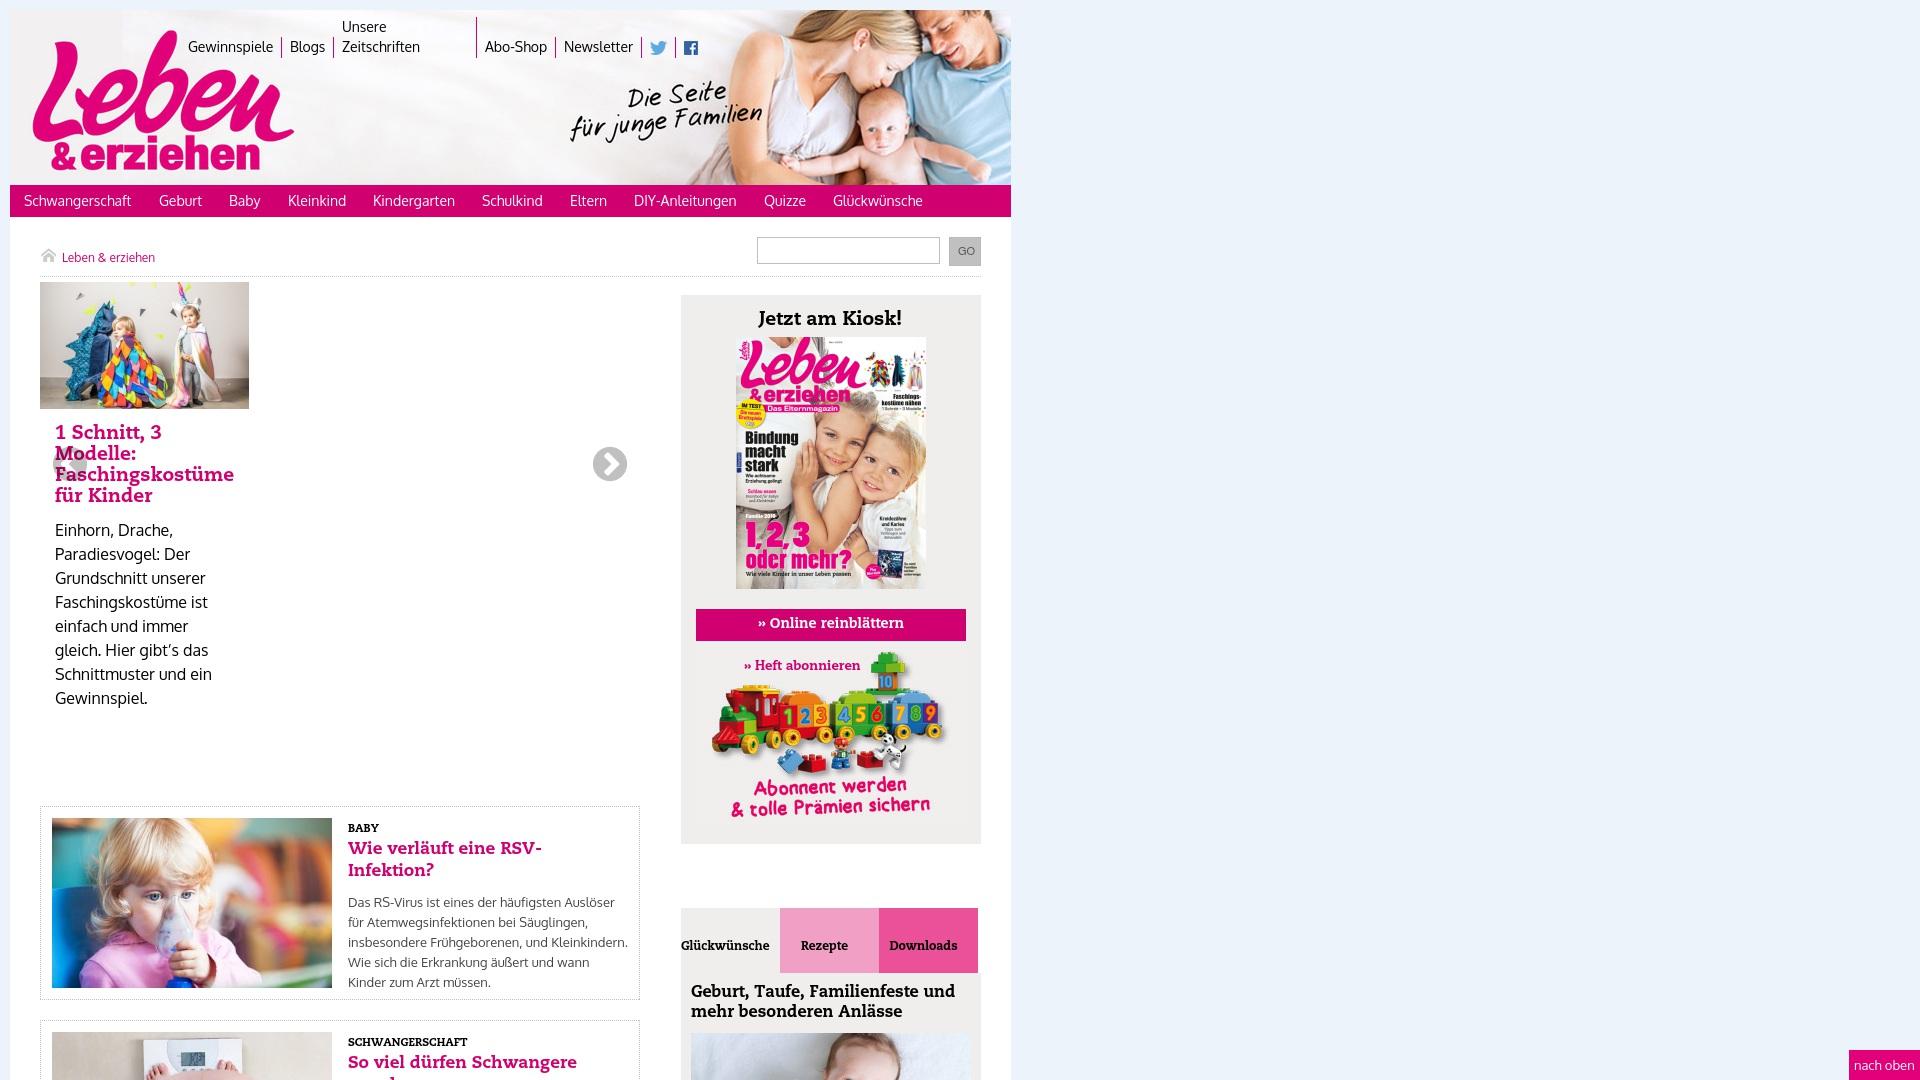 Gutschein für Leben-und-erziehen: Rabatte für  Leben-und-erziehen sichern